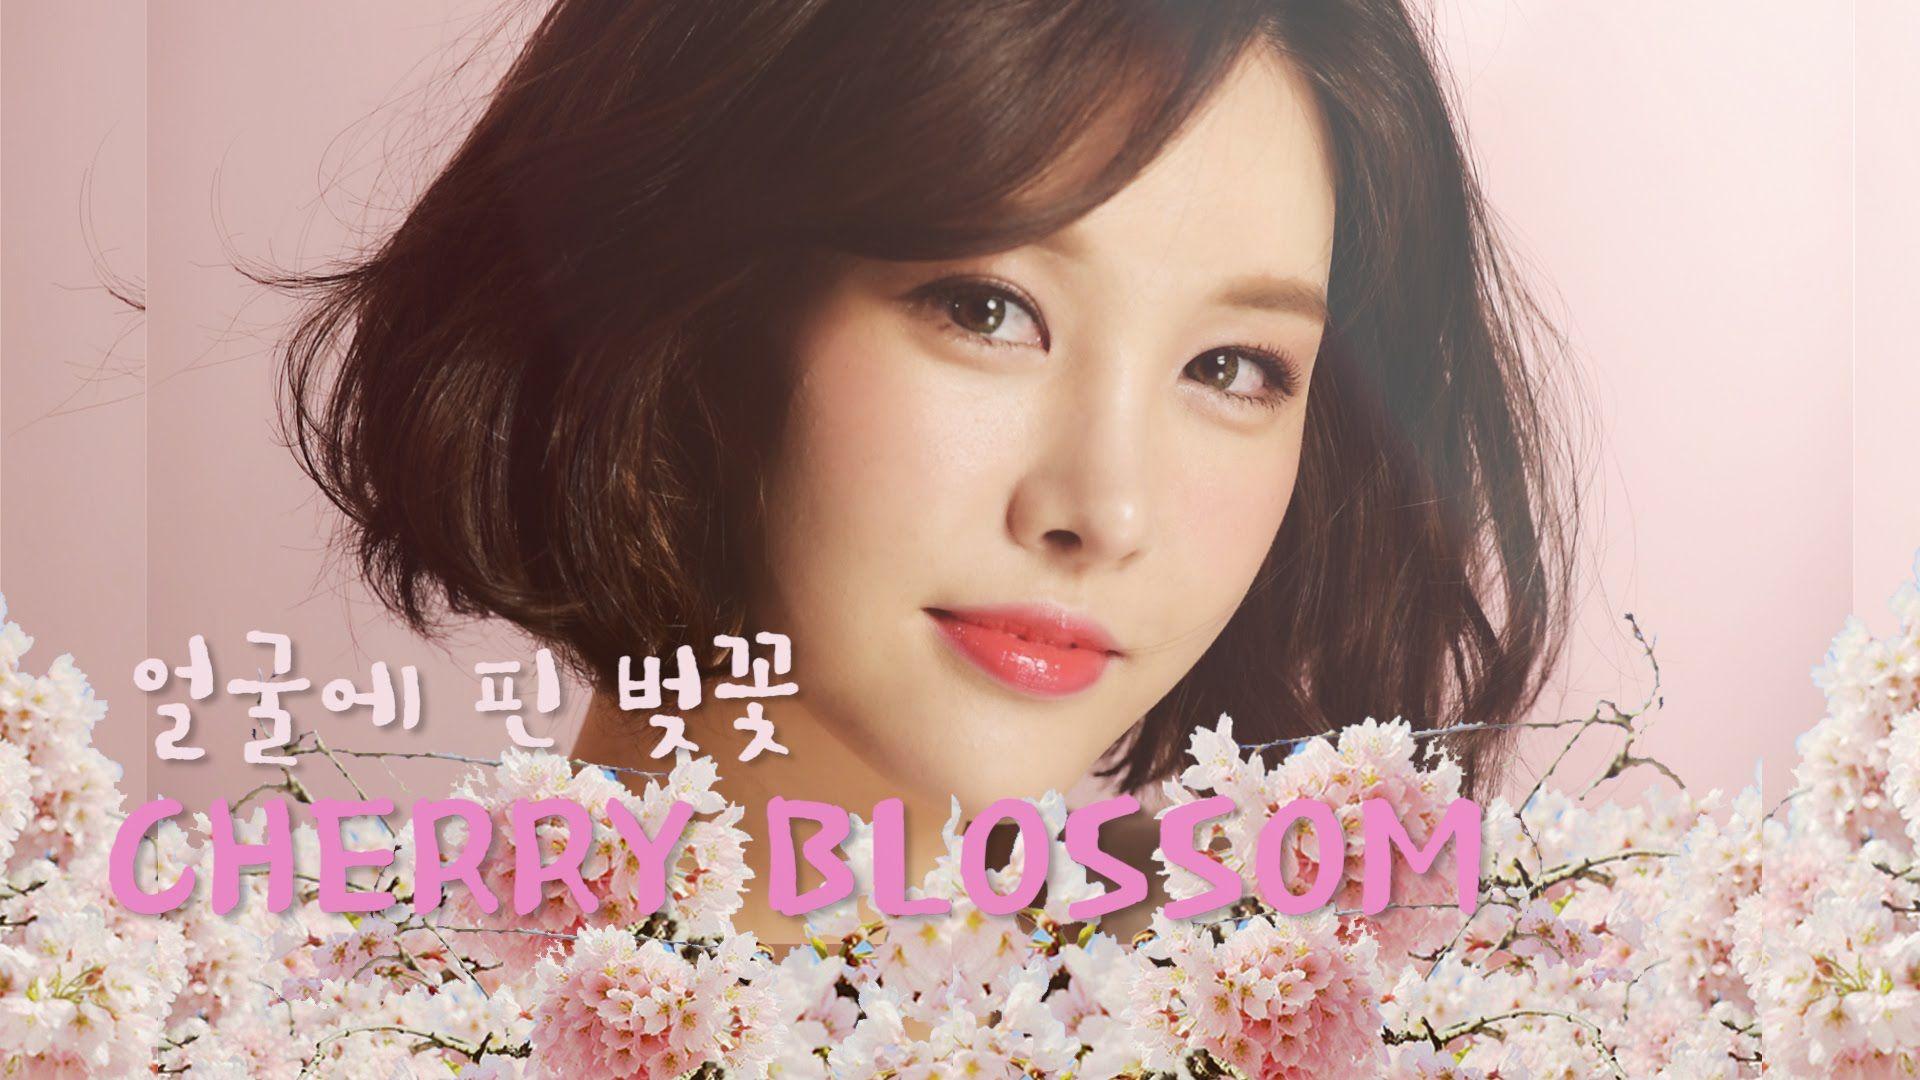 얼굴에 핀 벚꽃 메이크업 핑크핑크 샤랄라